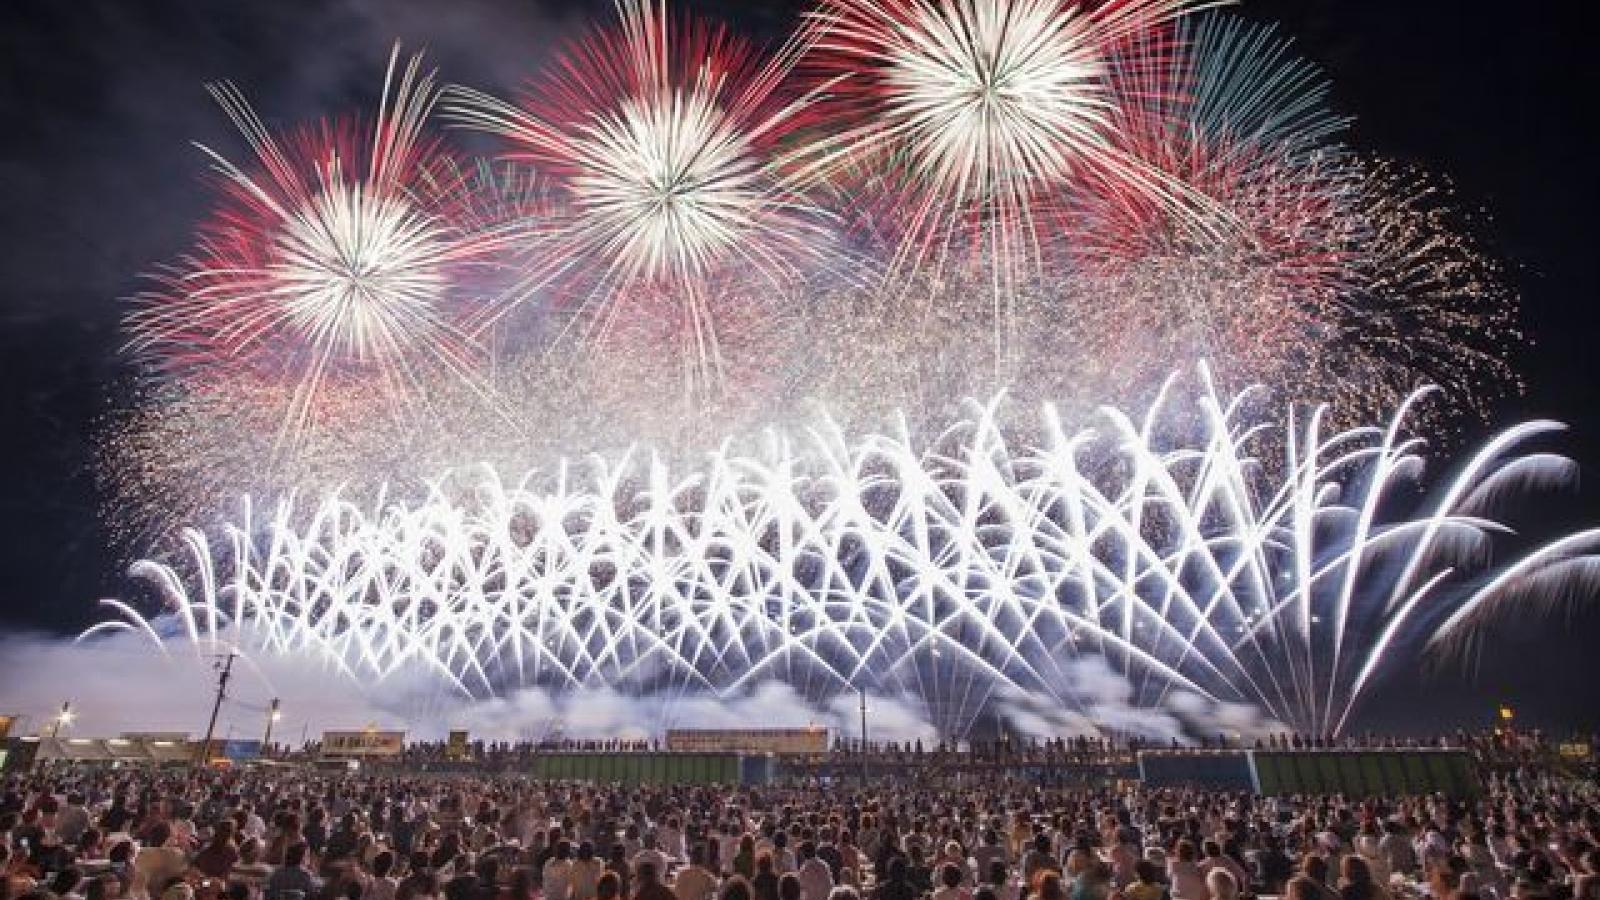 Nhật Bản hủy hàng loạt các Lễ hội pháo hoa mùa hè do đại dịch Covid-19